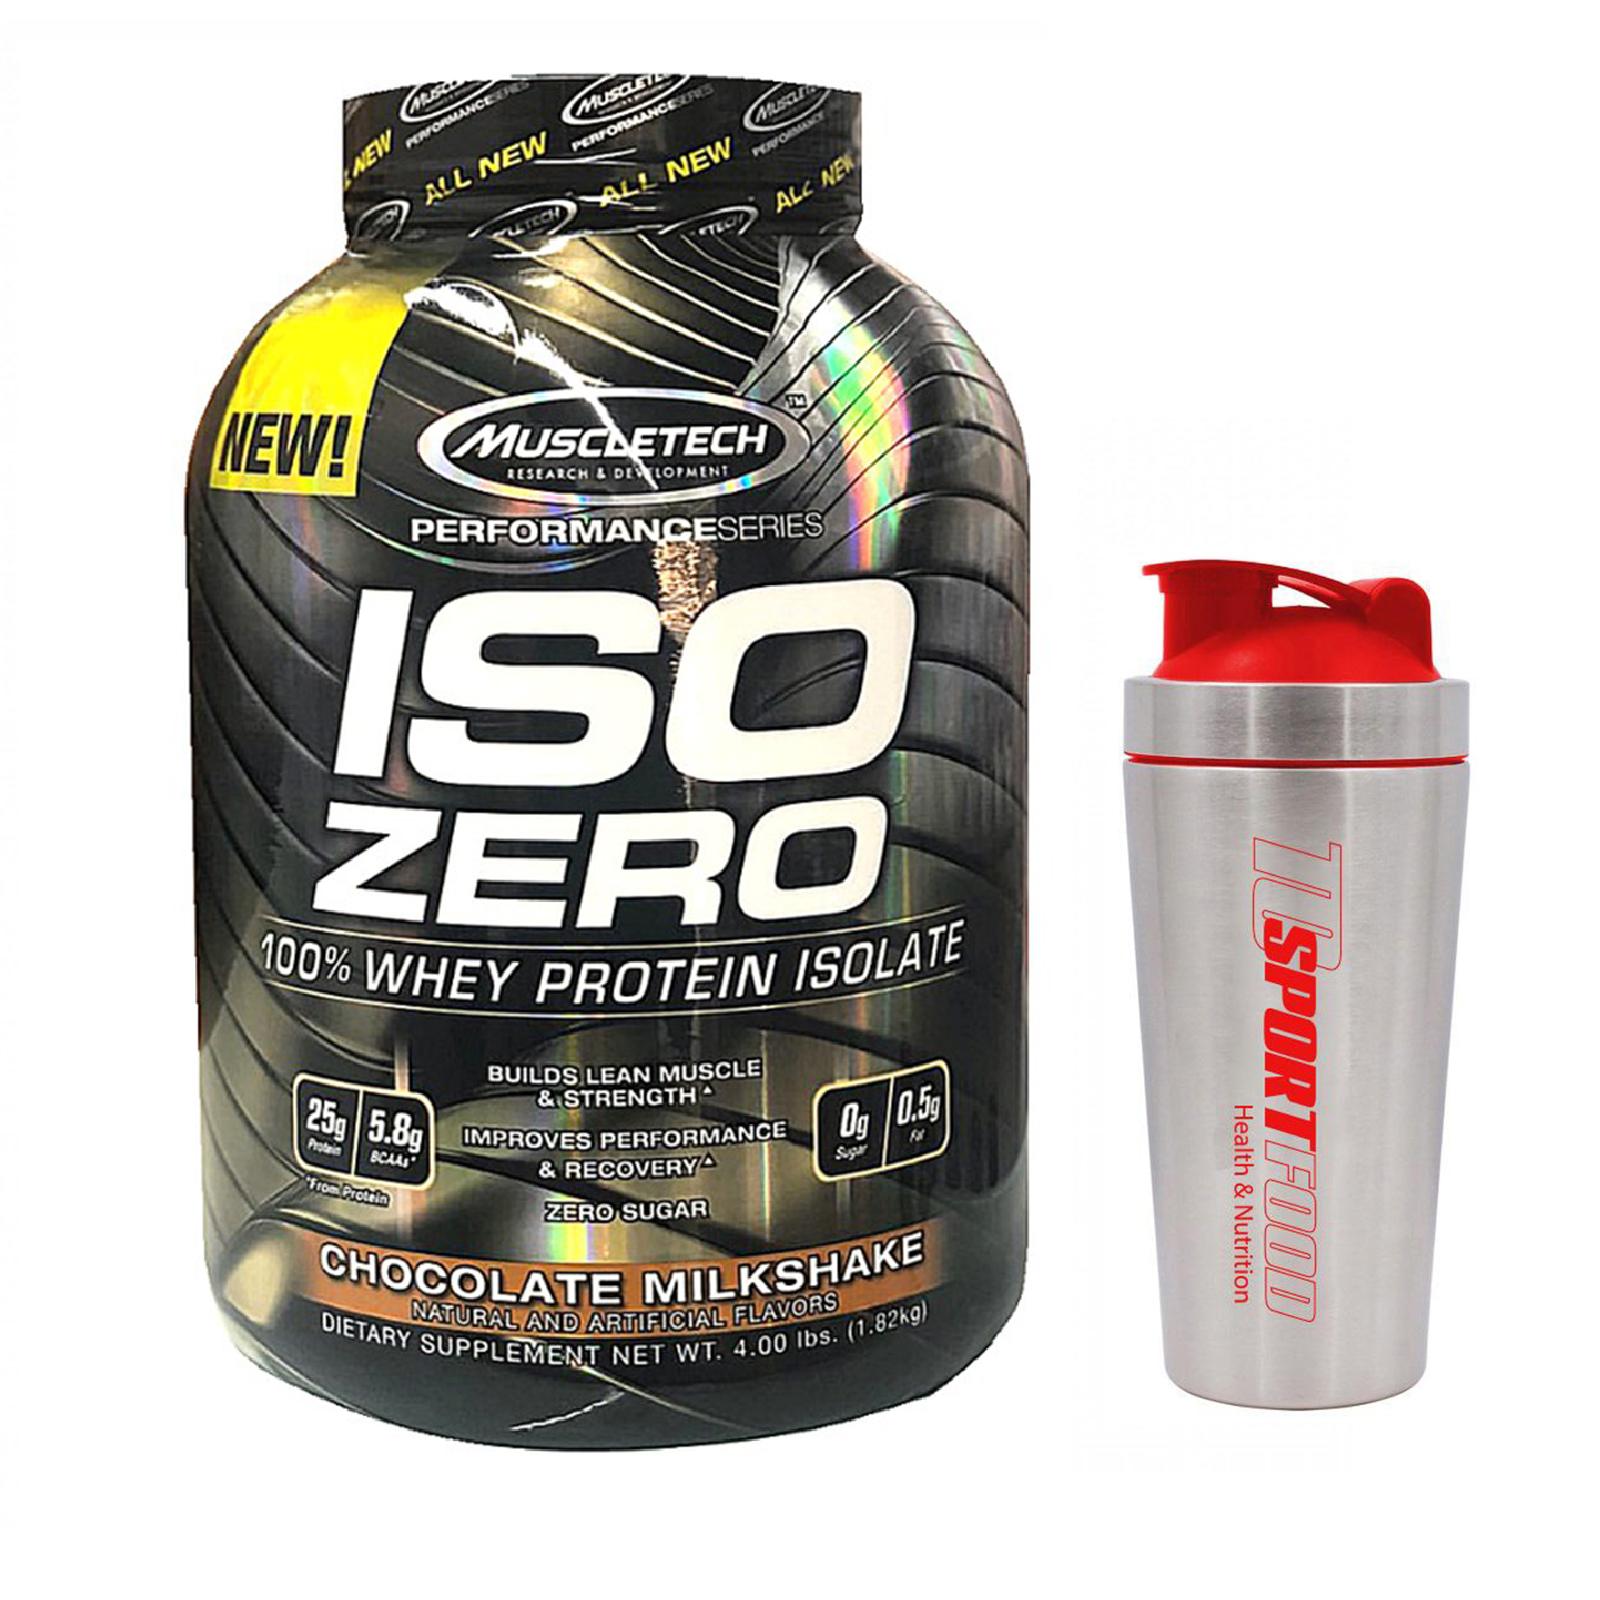 Combo Sữa tăng cơ ISO ZERO 100% Whey Protein Isolate của Muscle Tech hỗ trợ tăng cơ giảm cân đốt mỡ hương Chocolate hộp 4lbs & Bình INOX 739 ml (Màu Ngẫu Nhiên)